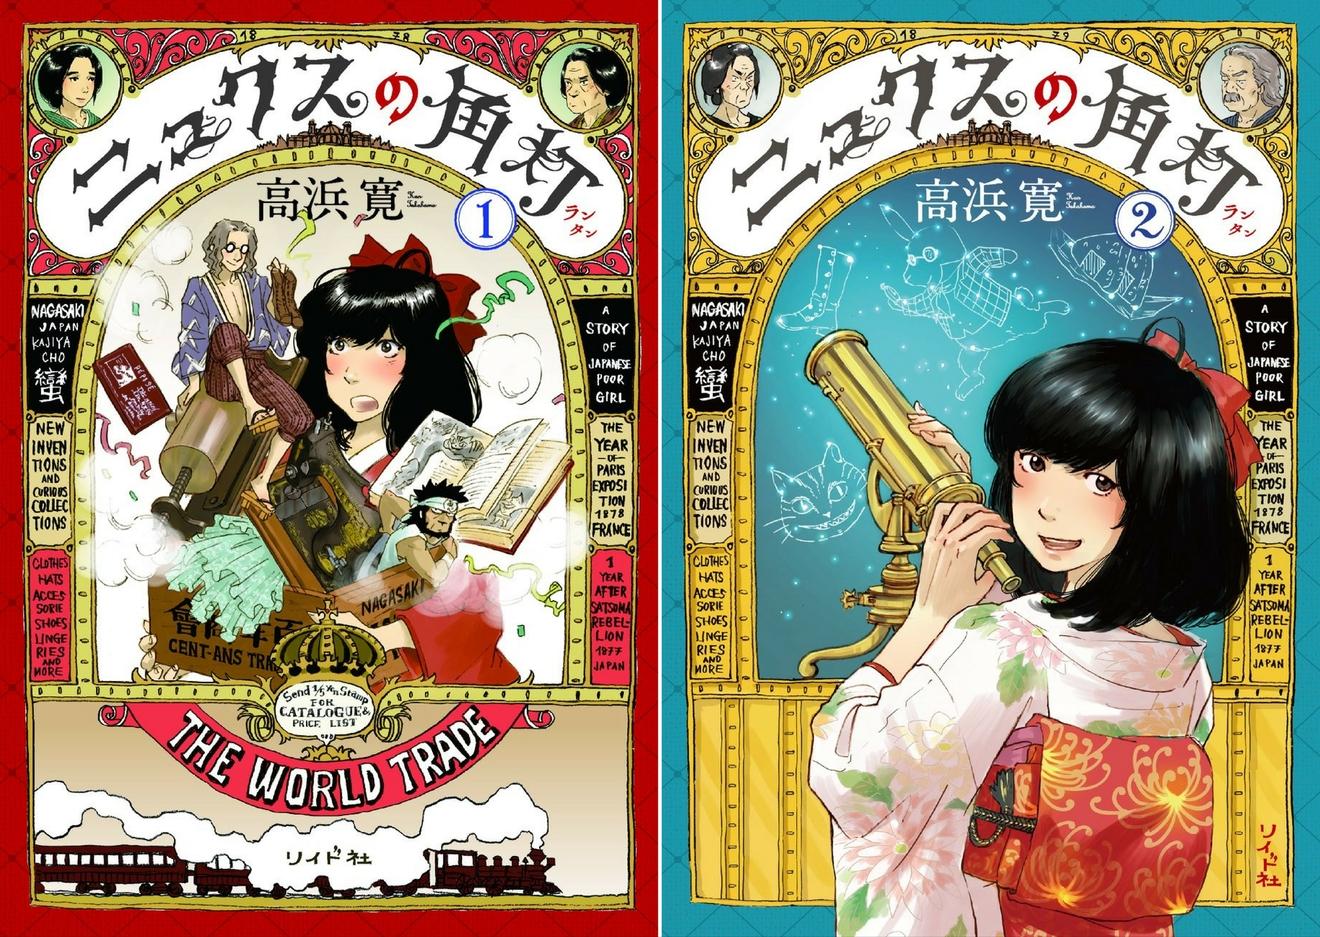 高浜寛のおすすめ漫画ランキングベスト5!海外でも評価されるオトナ漫画